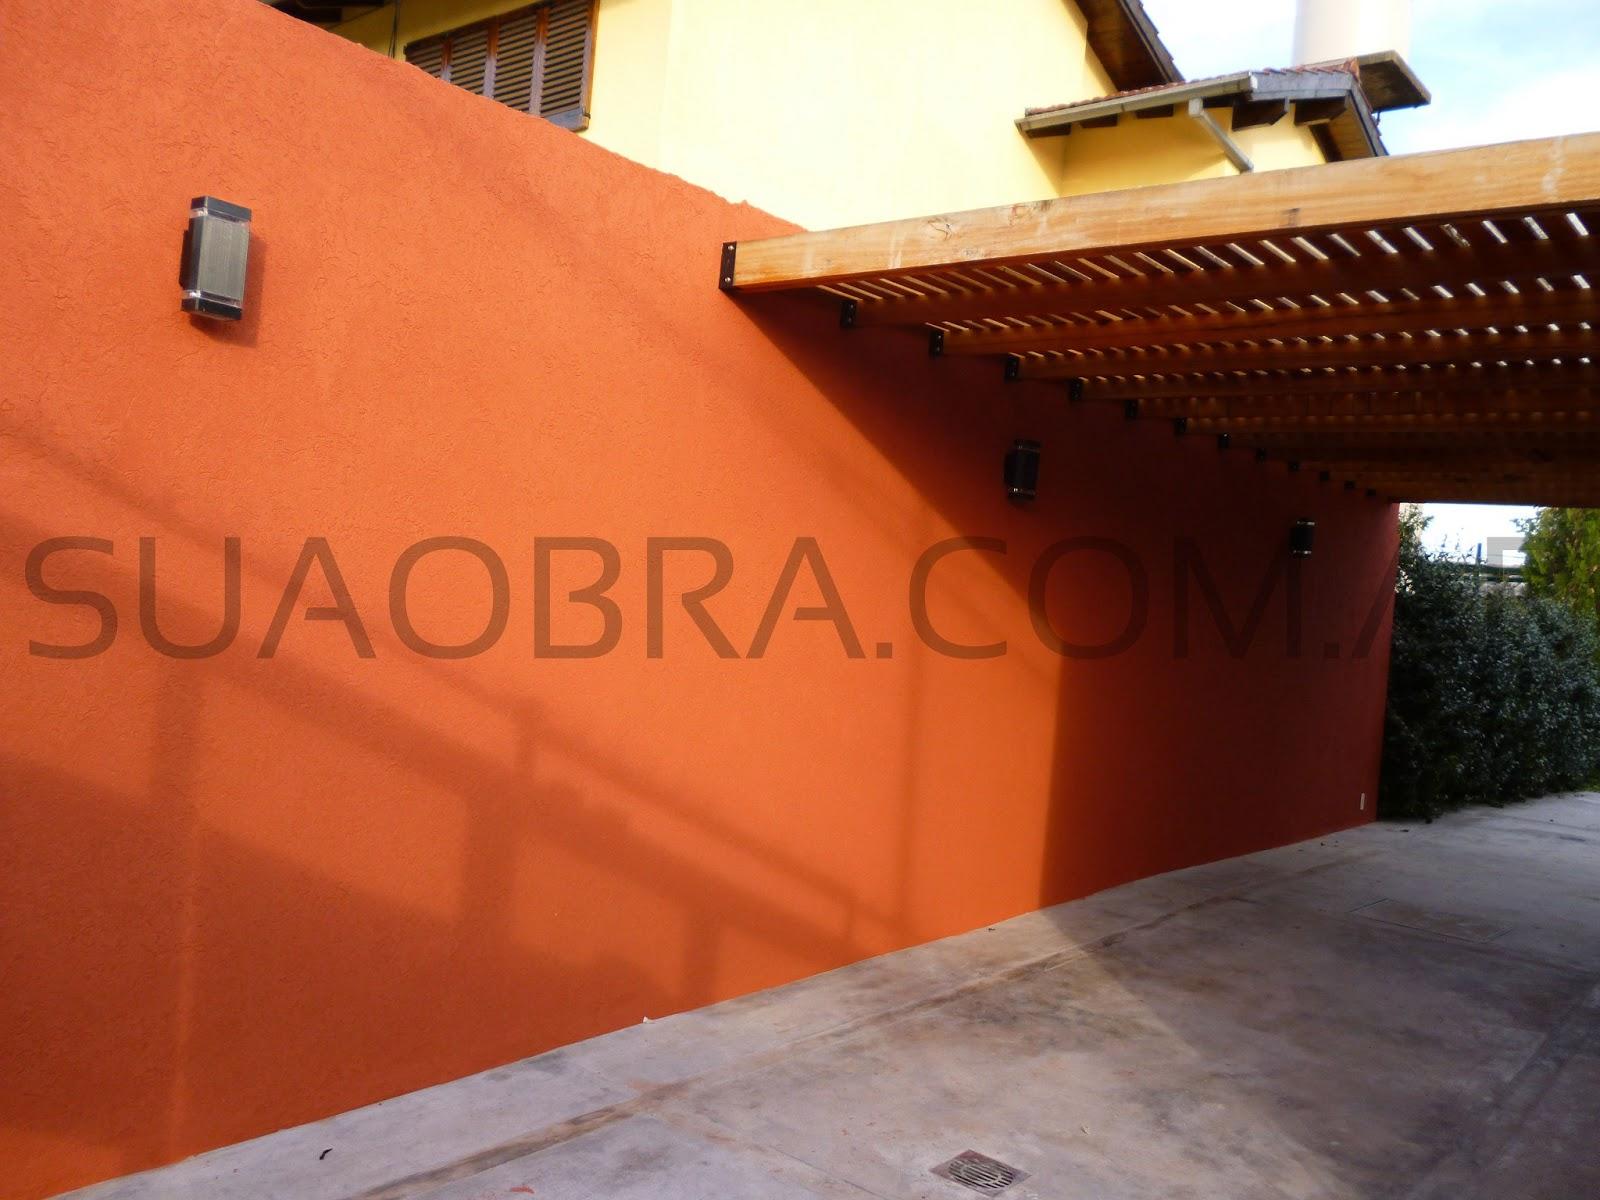 Combinaci n tarquini revestimiento pl stico exterior don - Revestimiento para paredes exteriores ...